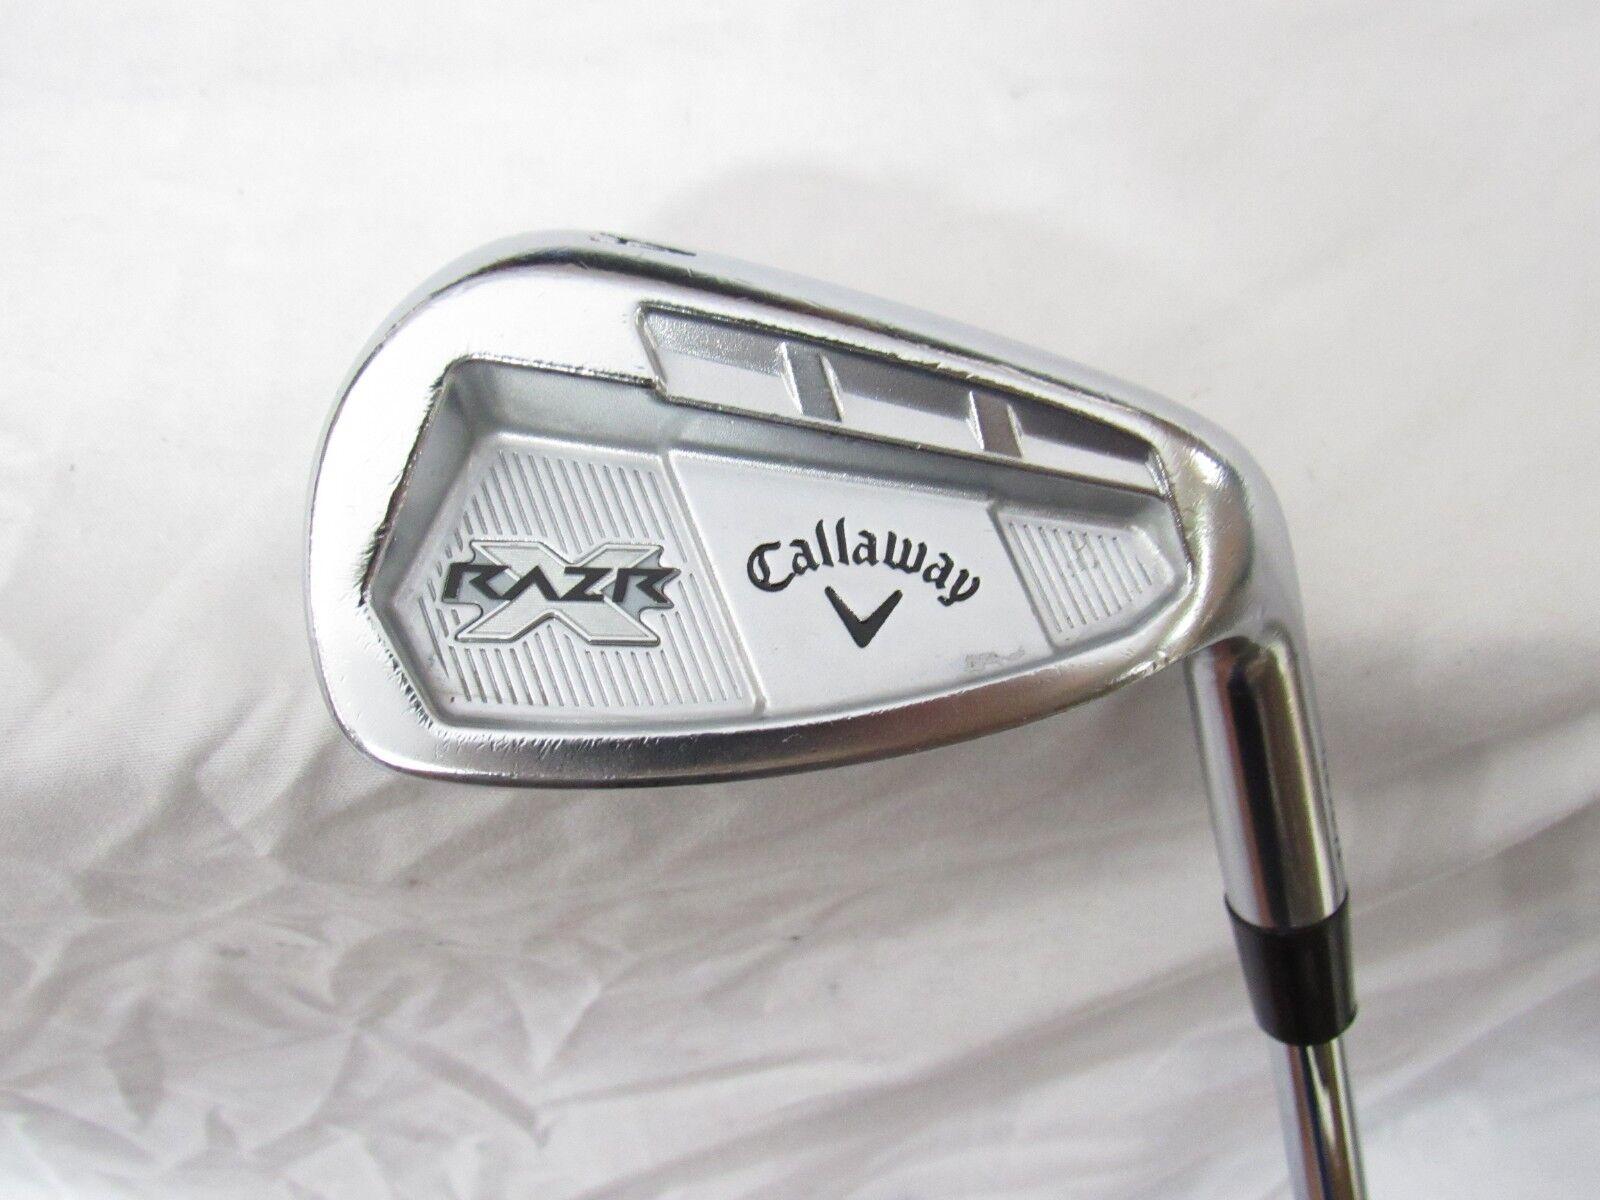 Callaway Razr  X usado mano derecha Forjado Gap una cuña Titleist BV Cuña de Acero Flex w-Flex  forma única